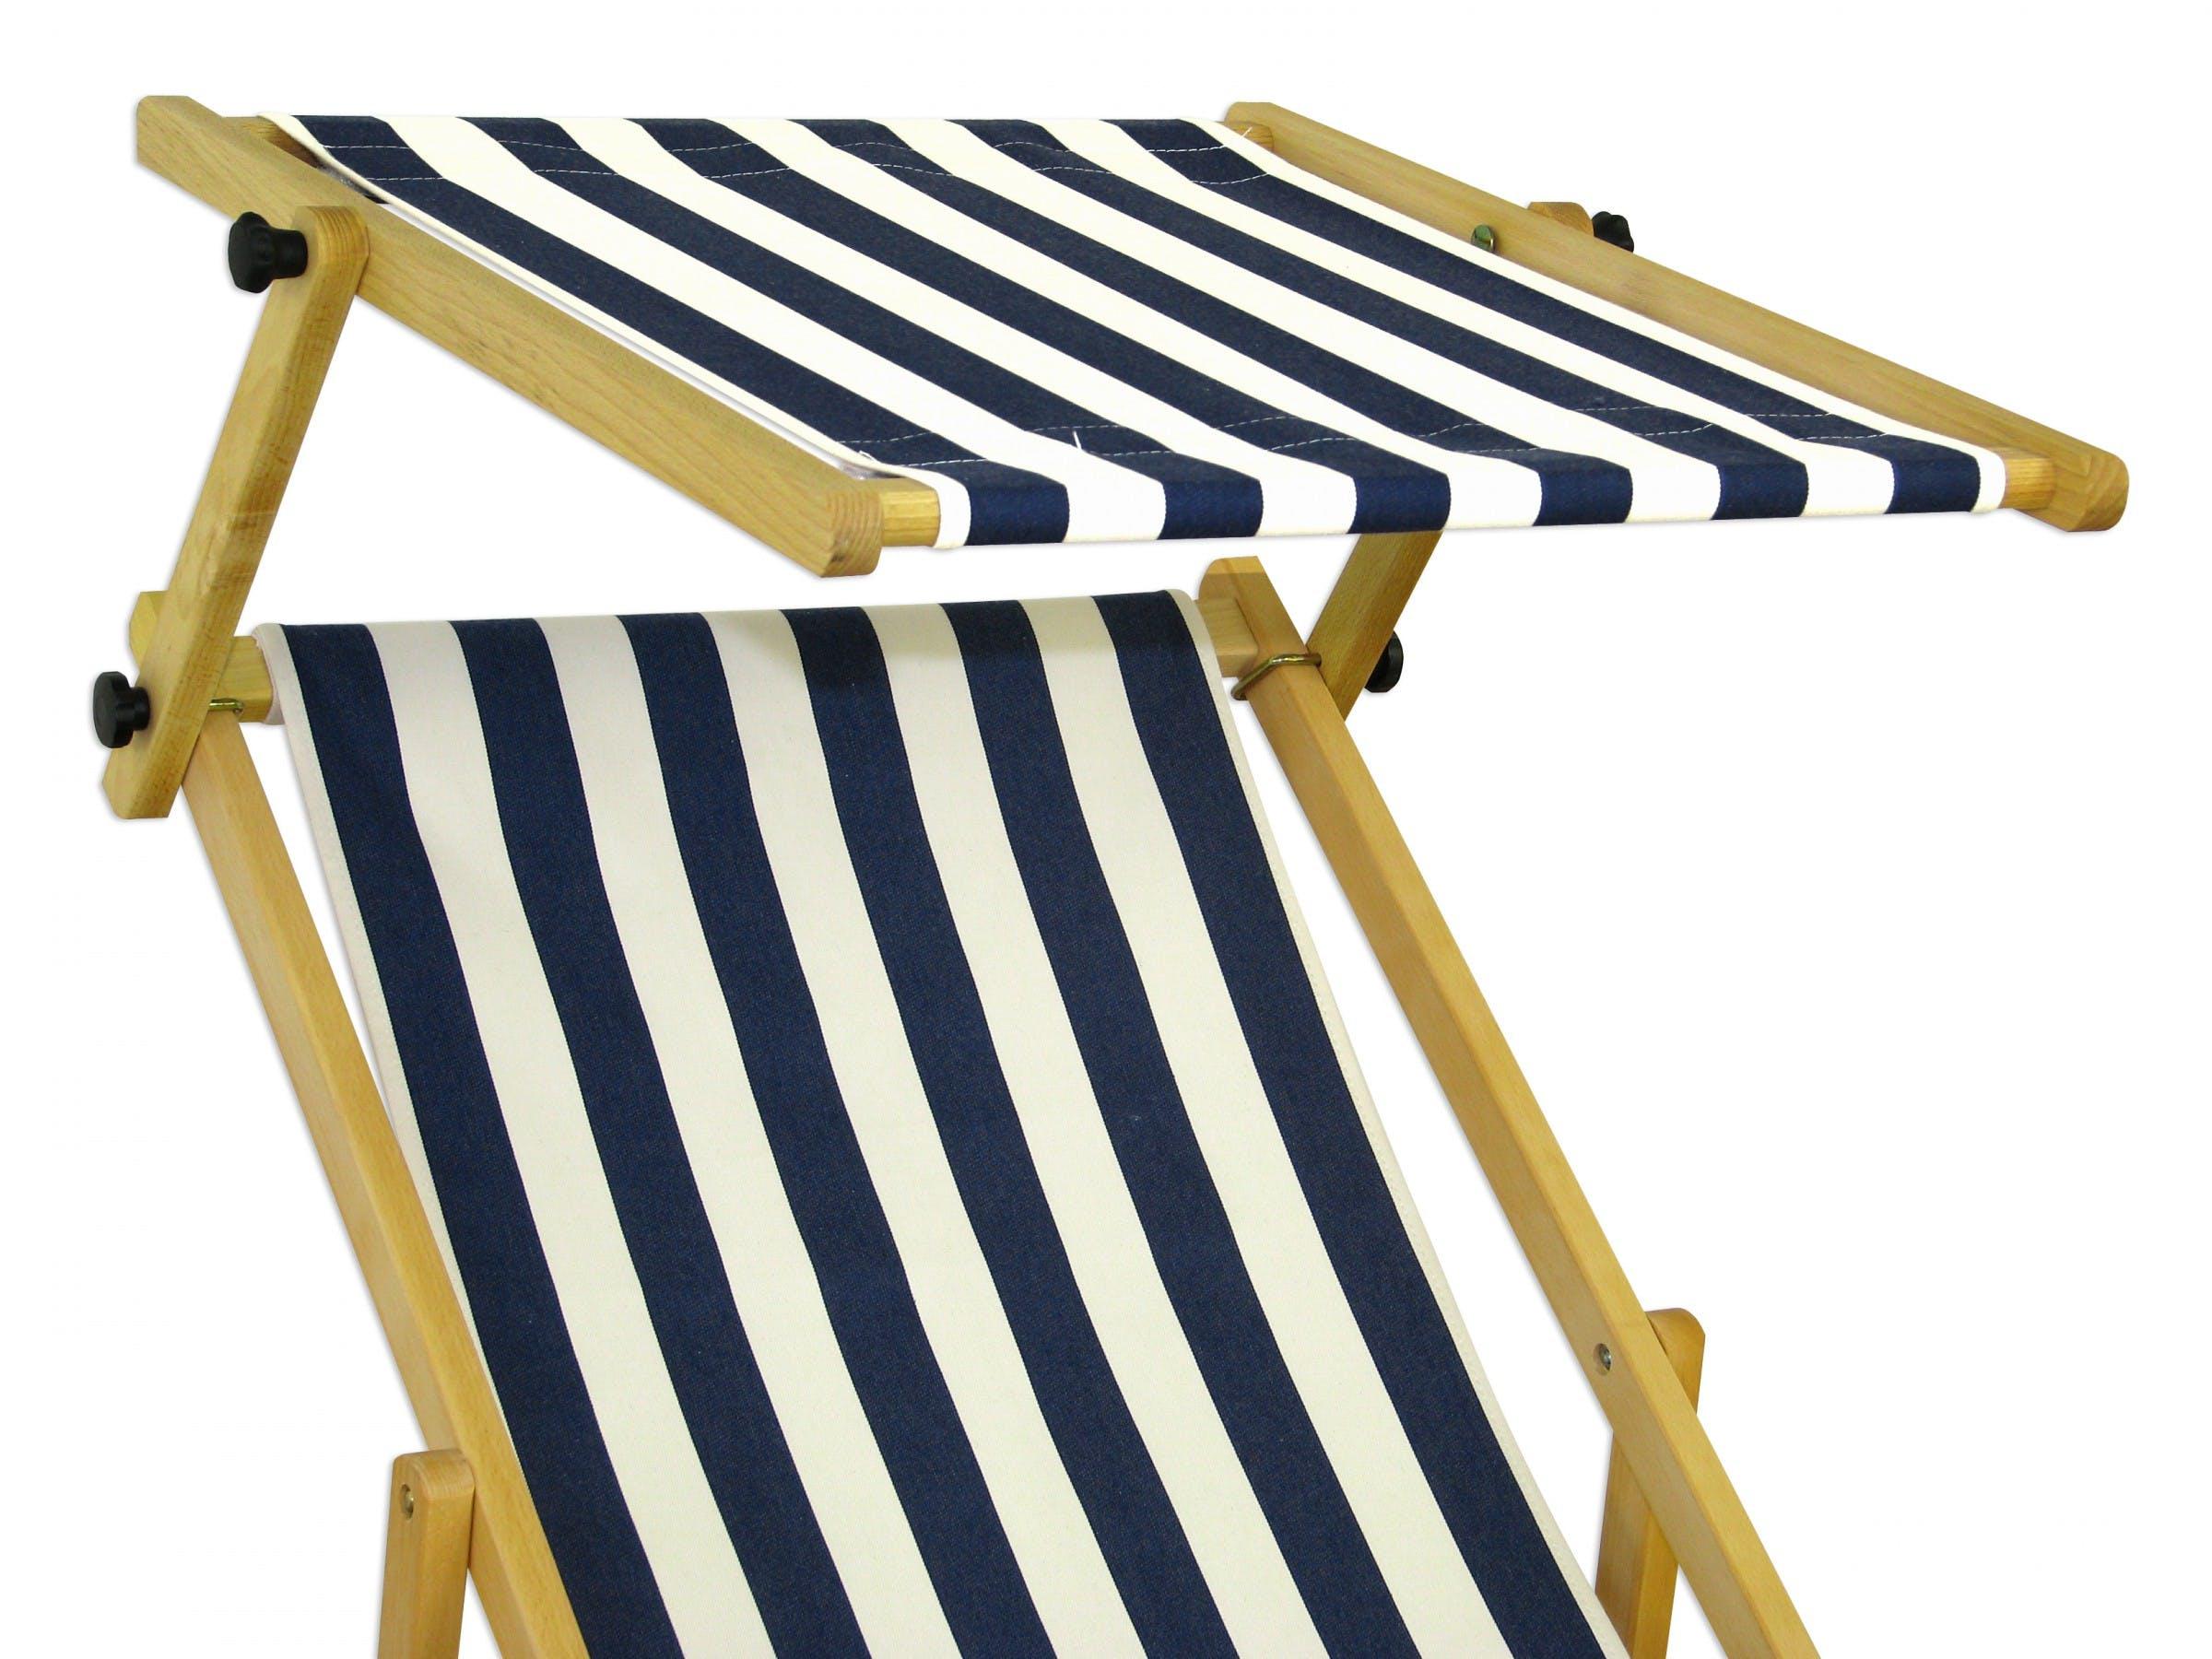 Liegestuhl Blau Weiss Gartenliege Sonnenliege Sonnendach Strandstuhl Buche Klappbar 10 317 N S Metro Marktplatz